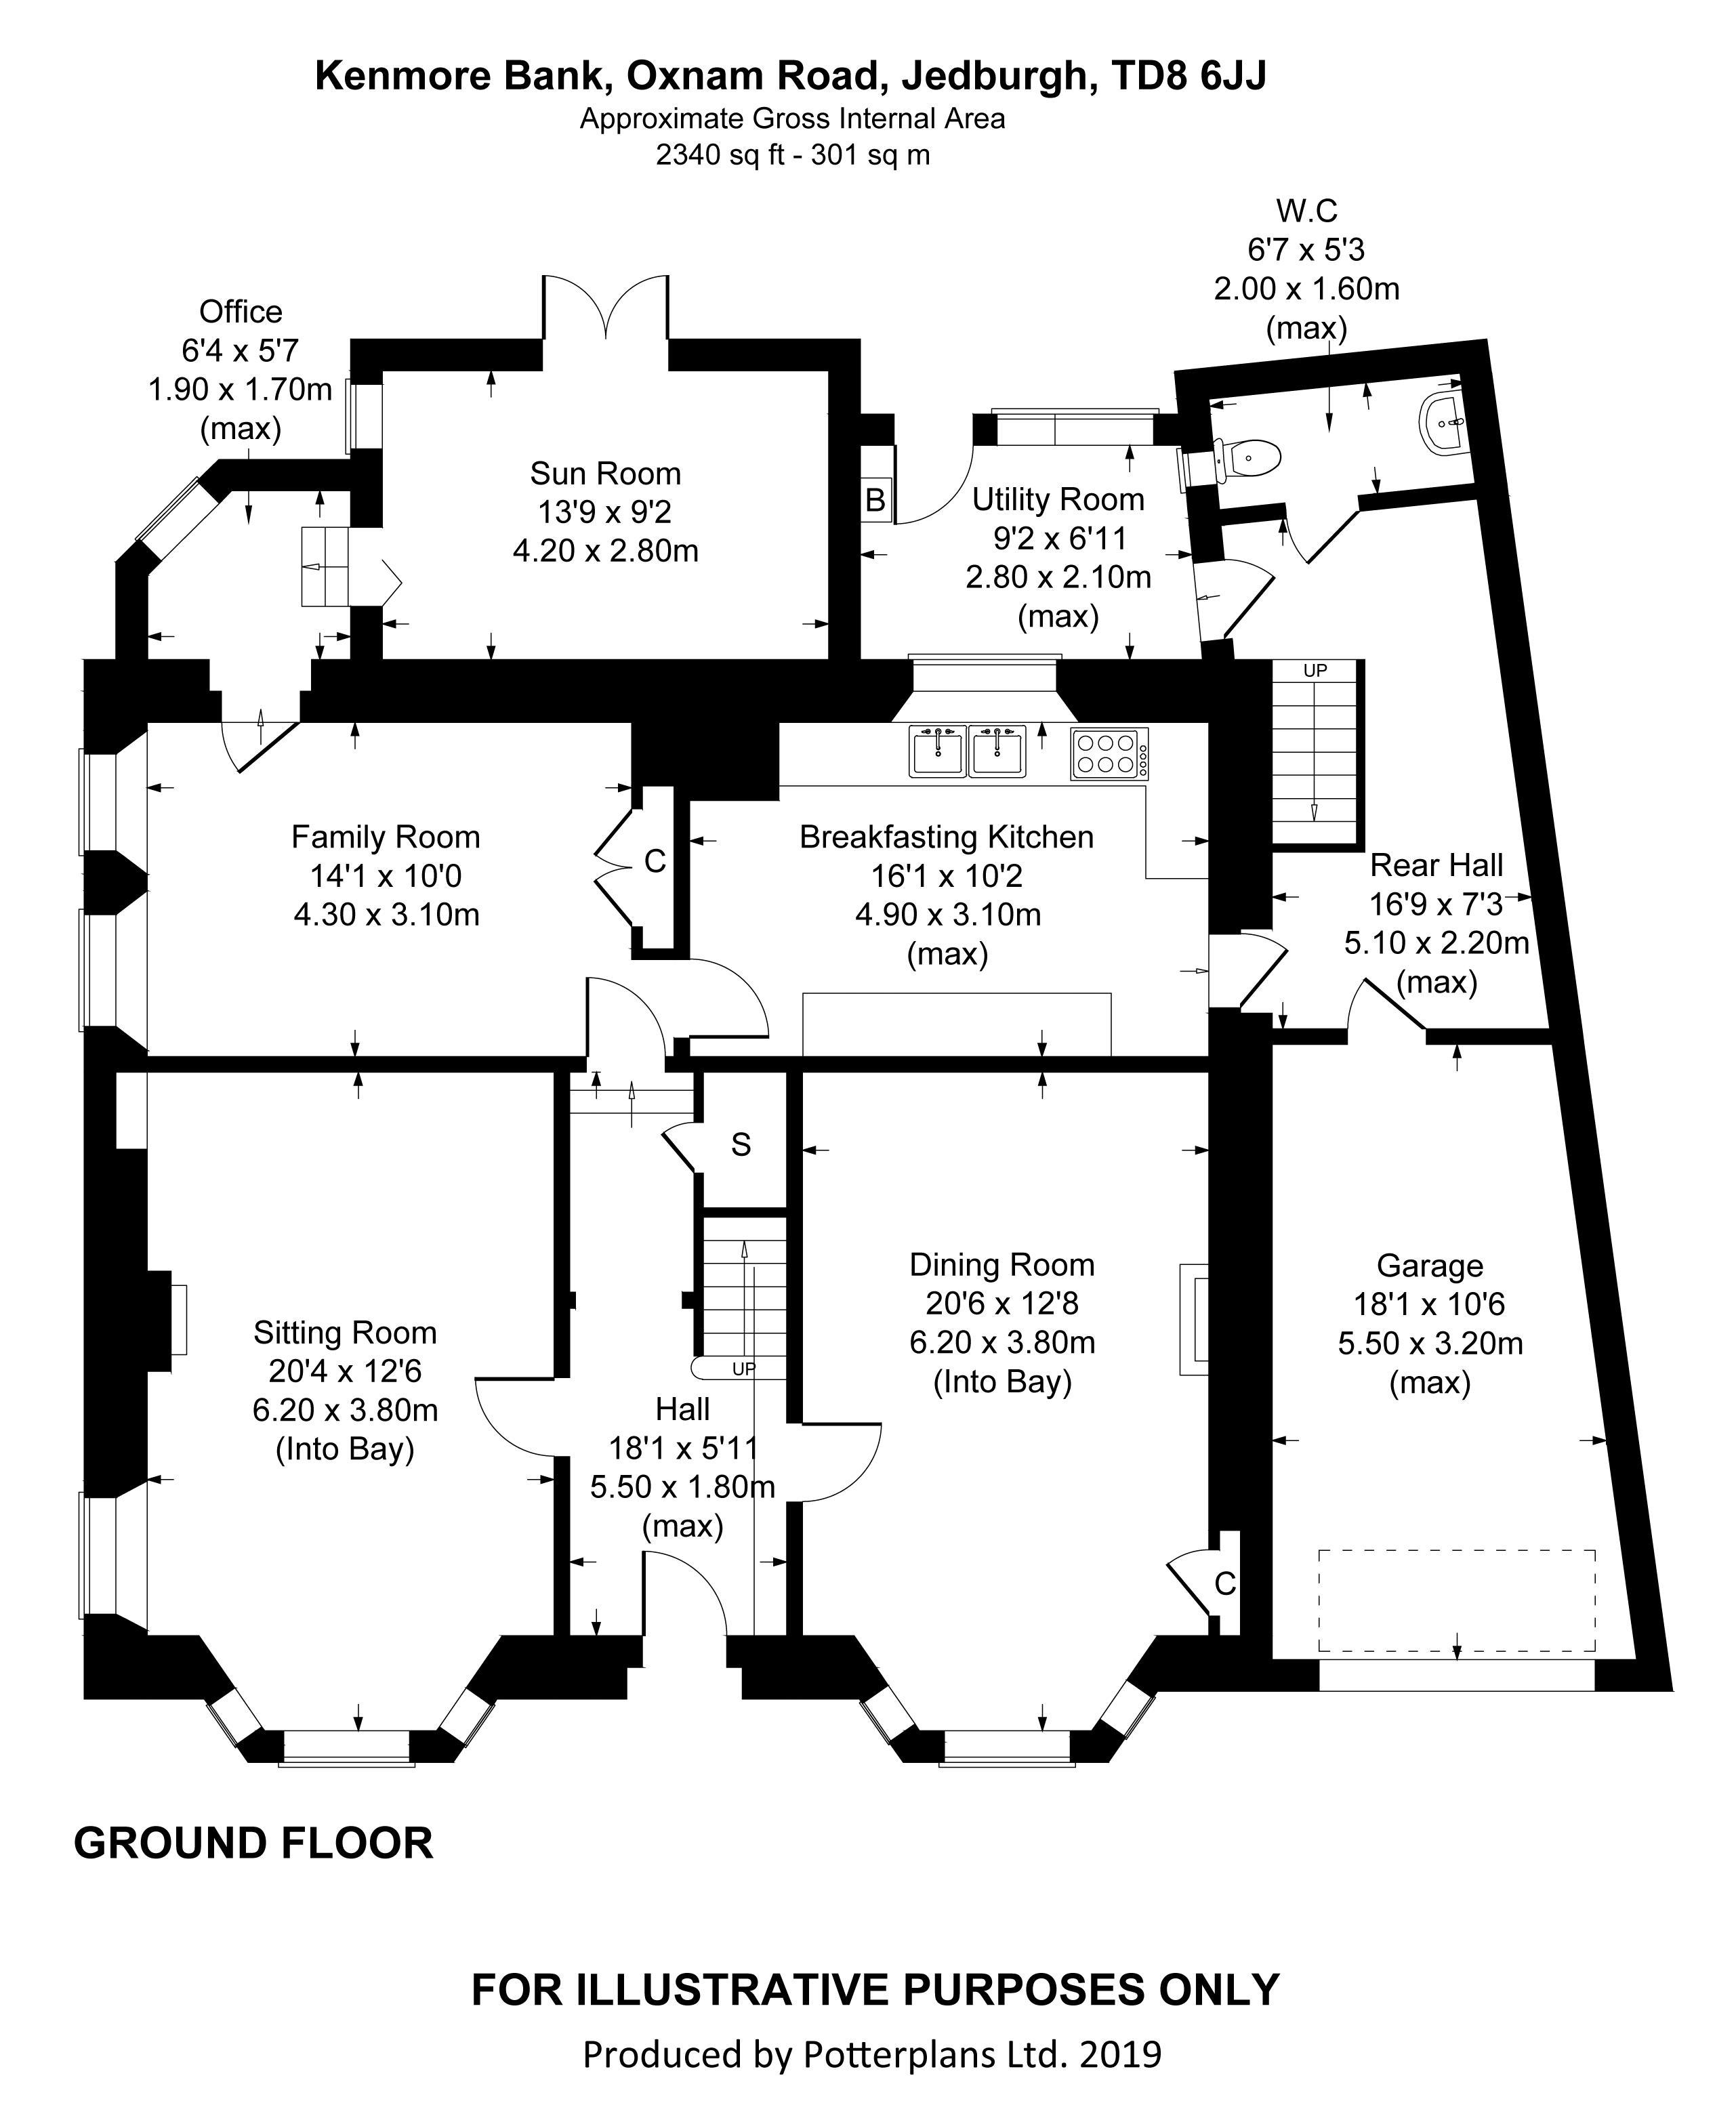 Kenmore Bank Ground Floor